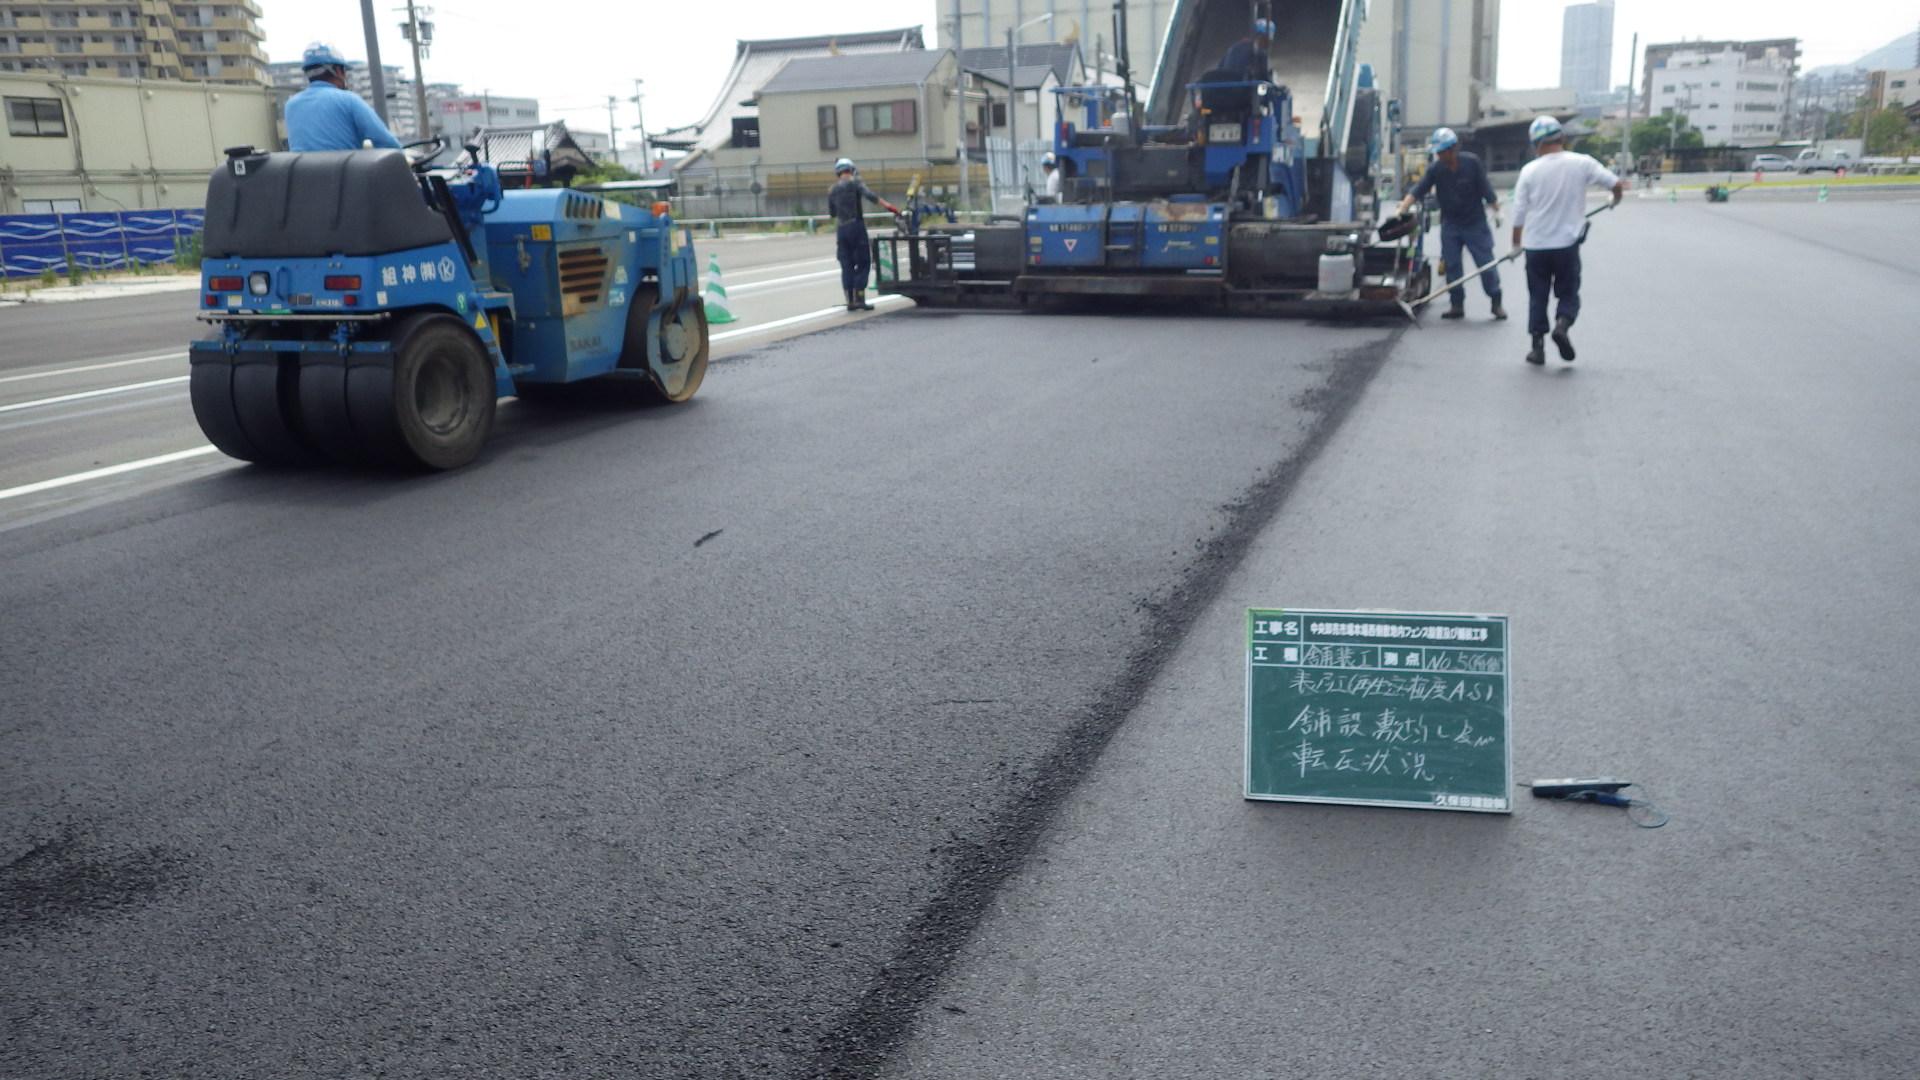 中央市場:道路設備工事14